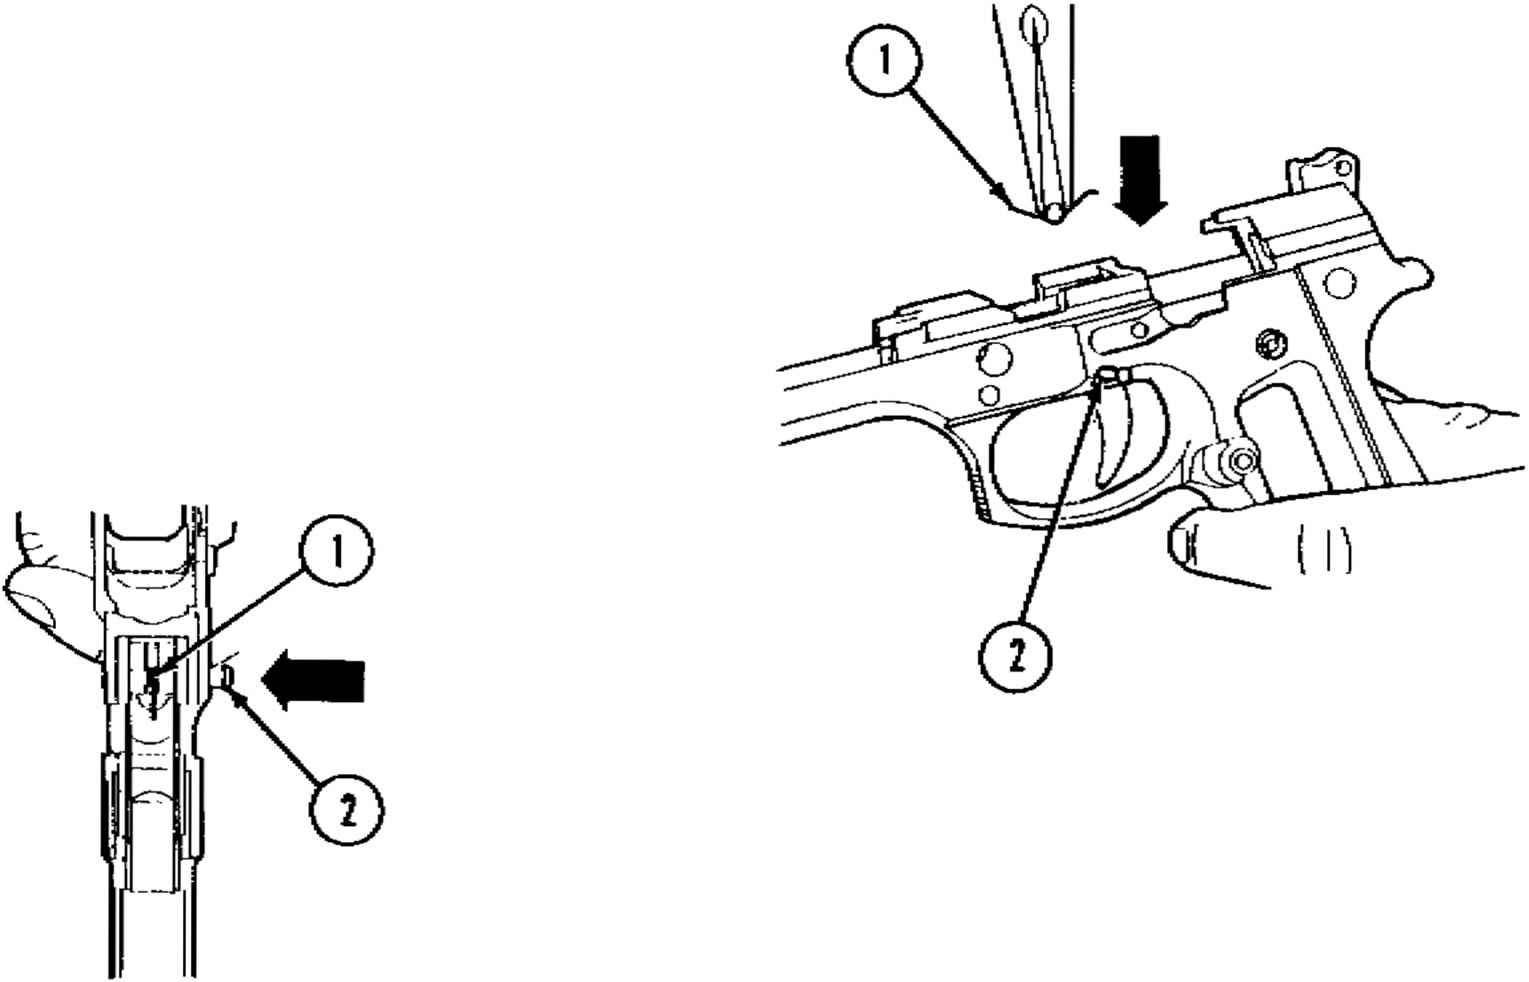 pin trigger p 226